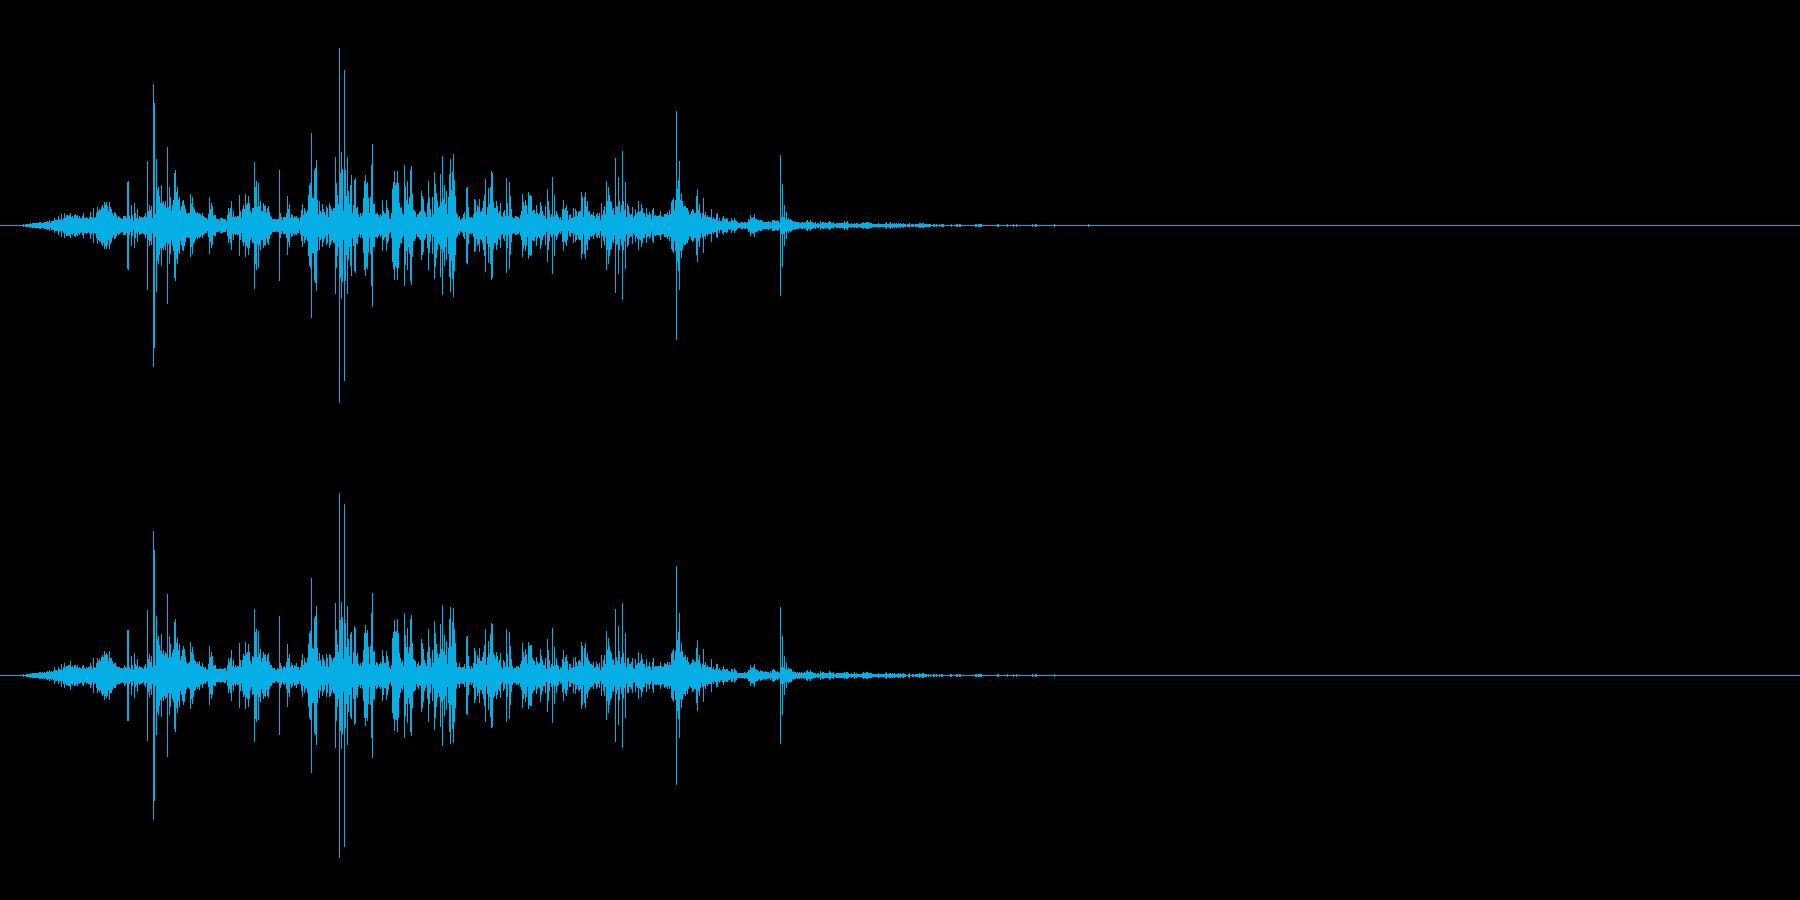 昆虫採集/羽音/虫系モンスターの再生済みの波形